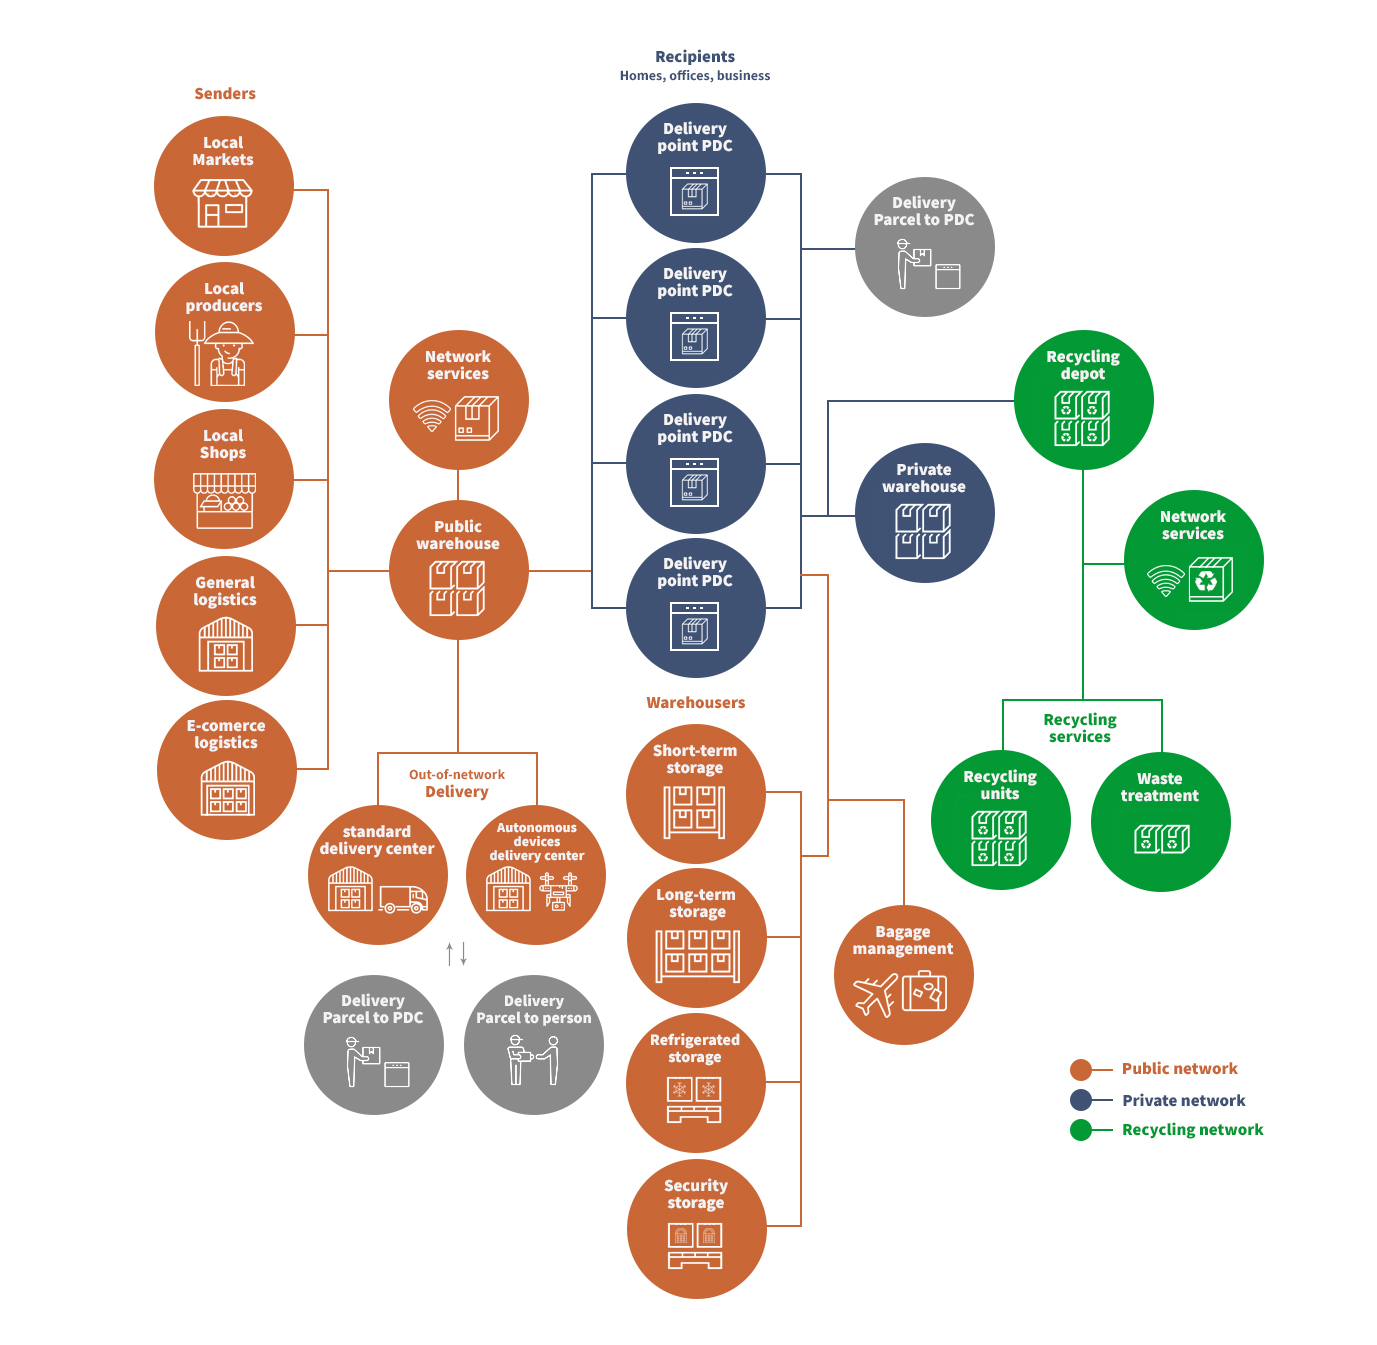 Infrastructure schema